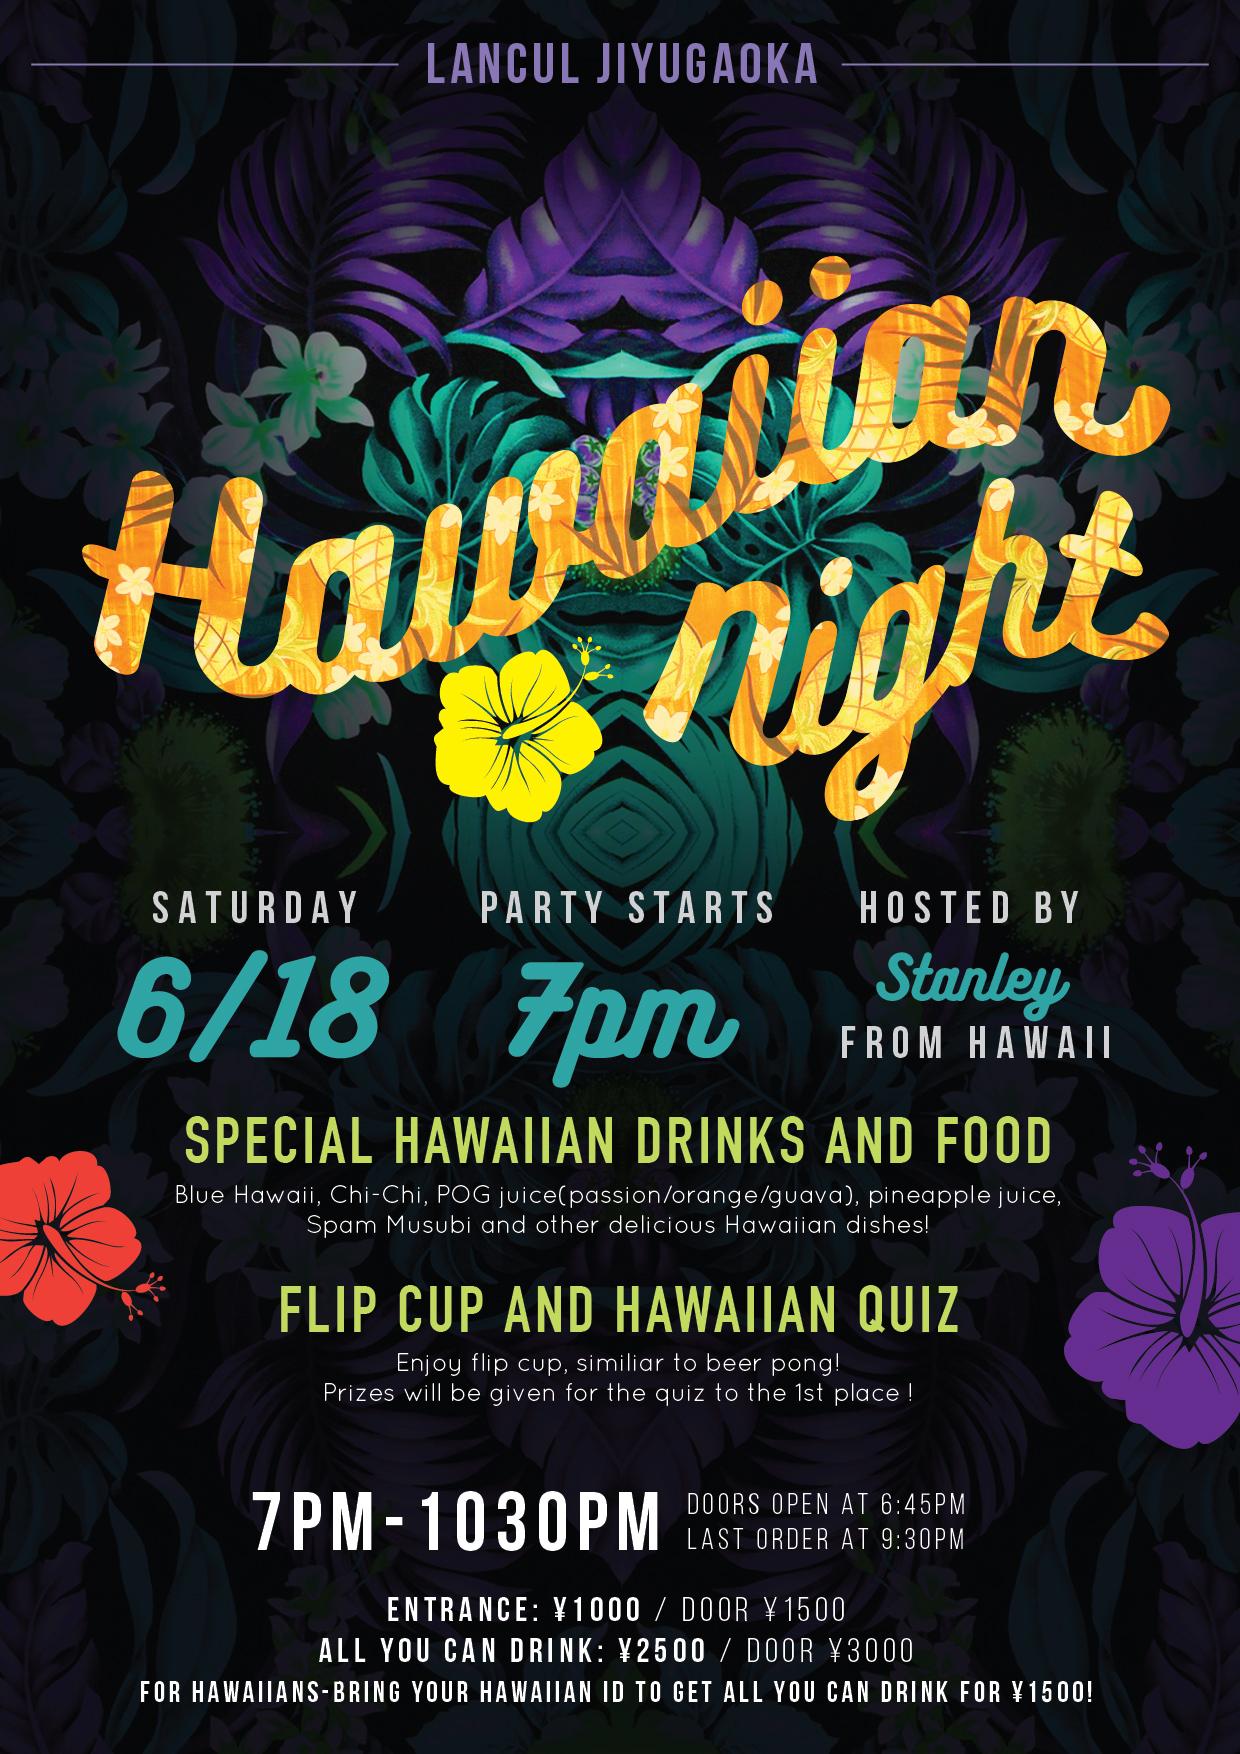 Hawaii Party ハワイ パーティー 自由が丘 英会話 カフェ ランカル LanCul